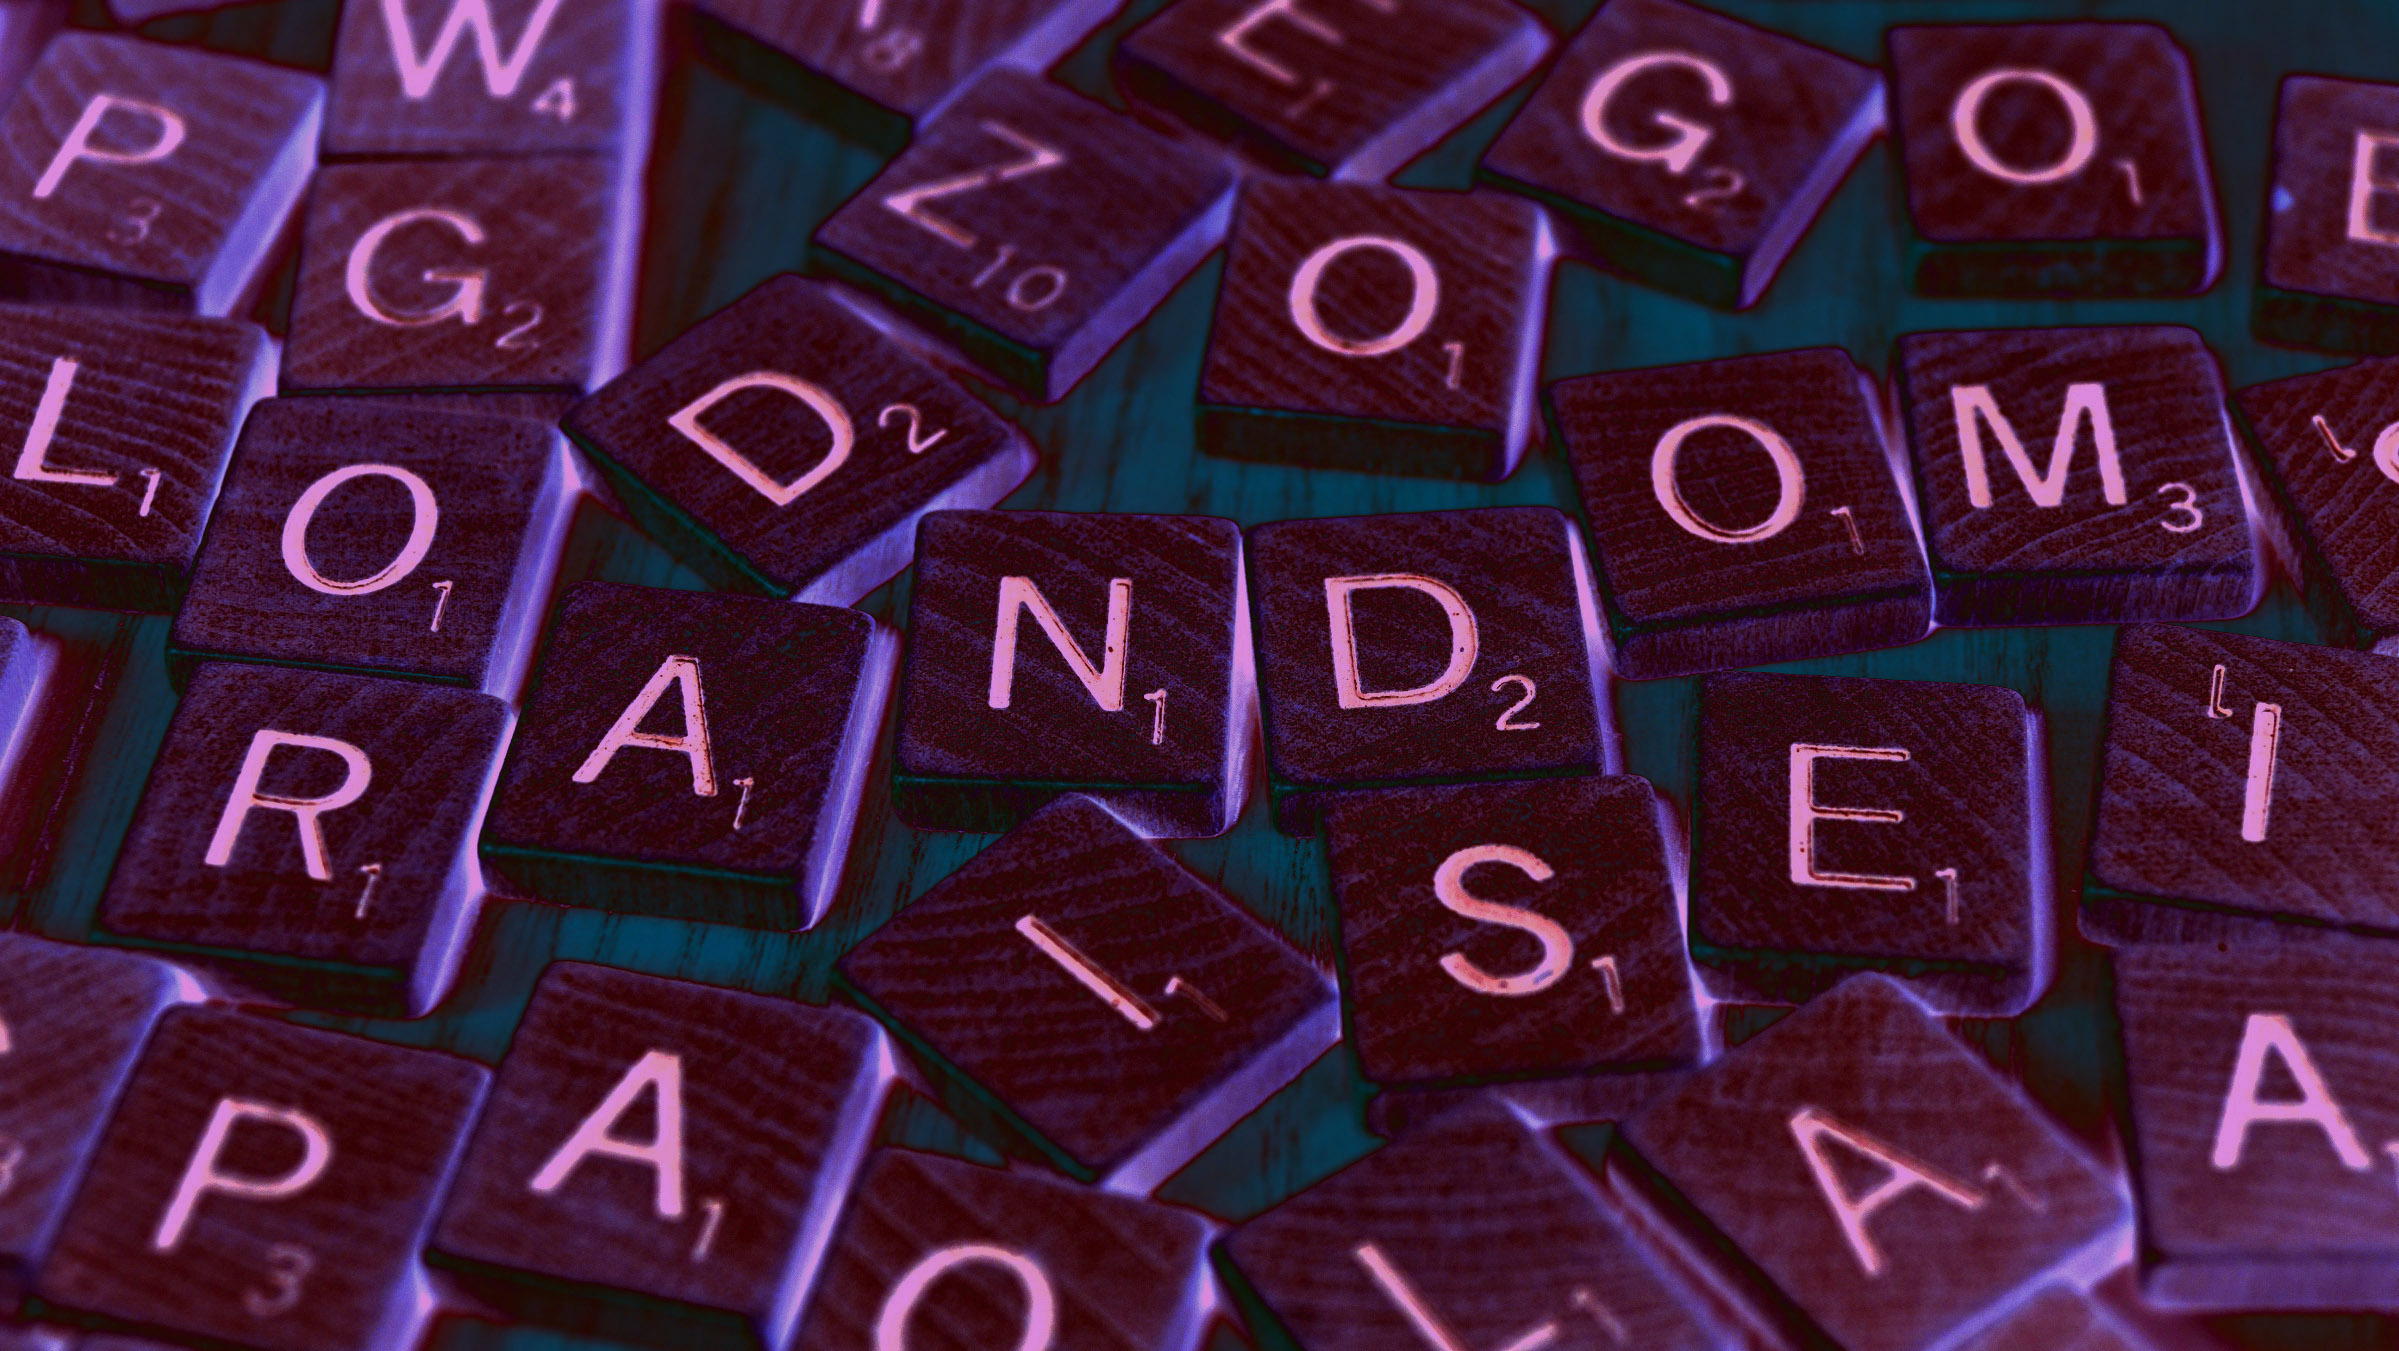 MIT Tech Review: AIはまだ文の意味を理解していない——NLPの欠陥が突きつける課題